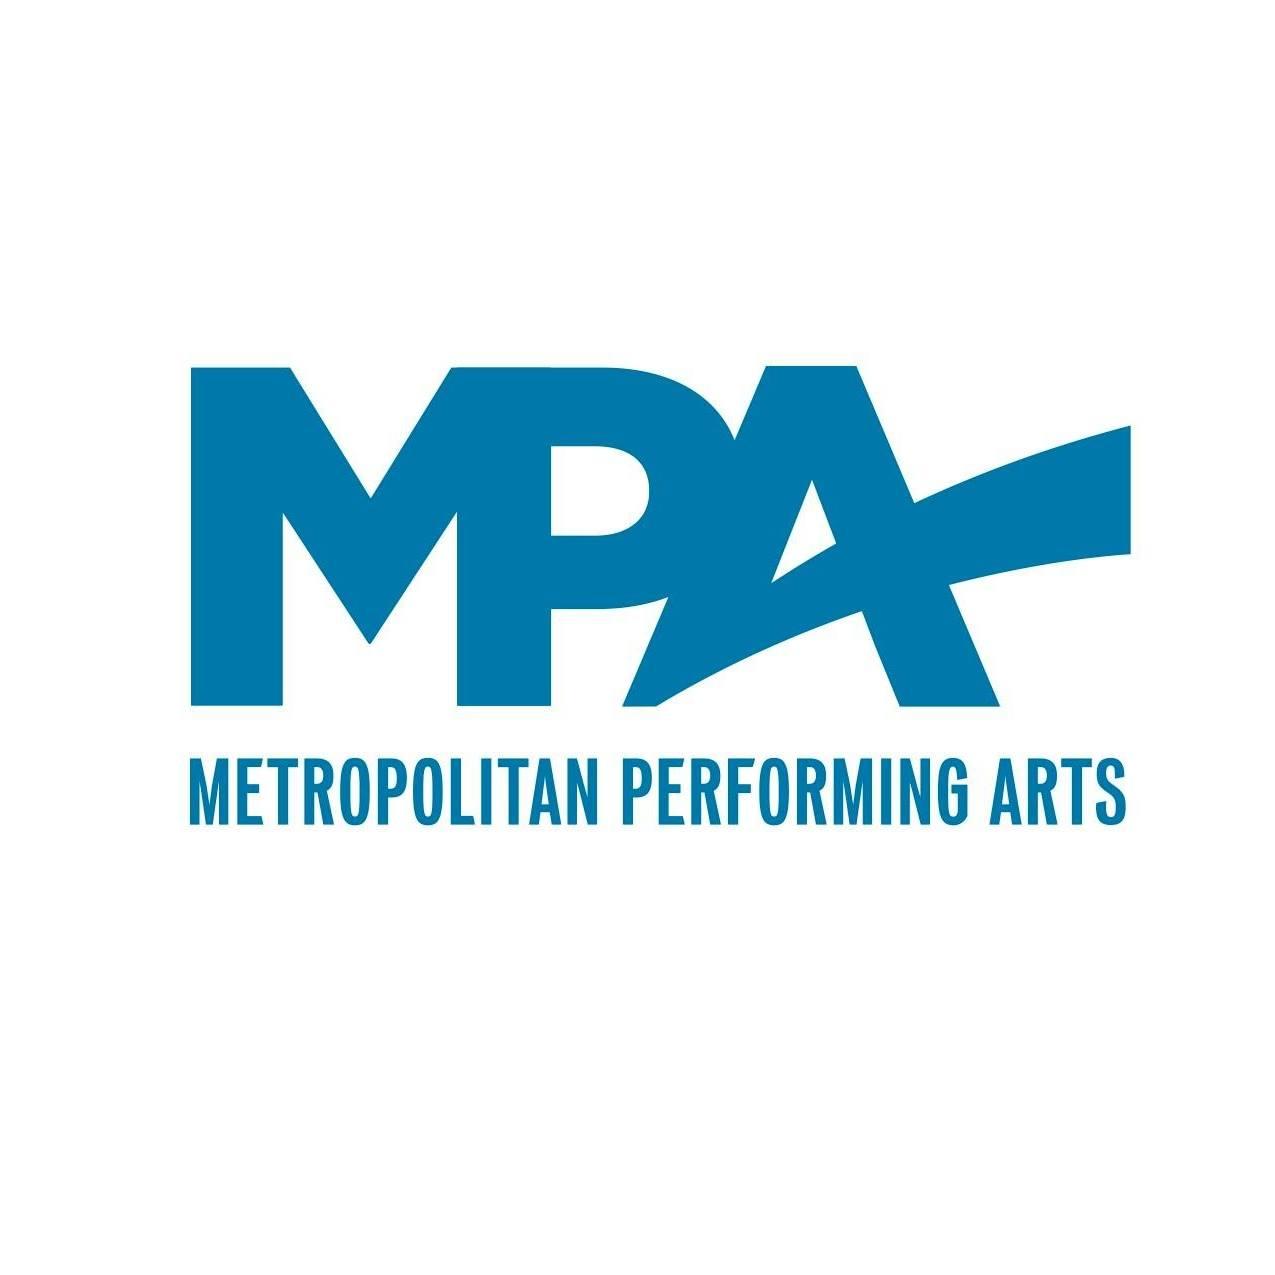 Metropolitan Performing Arts